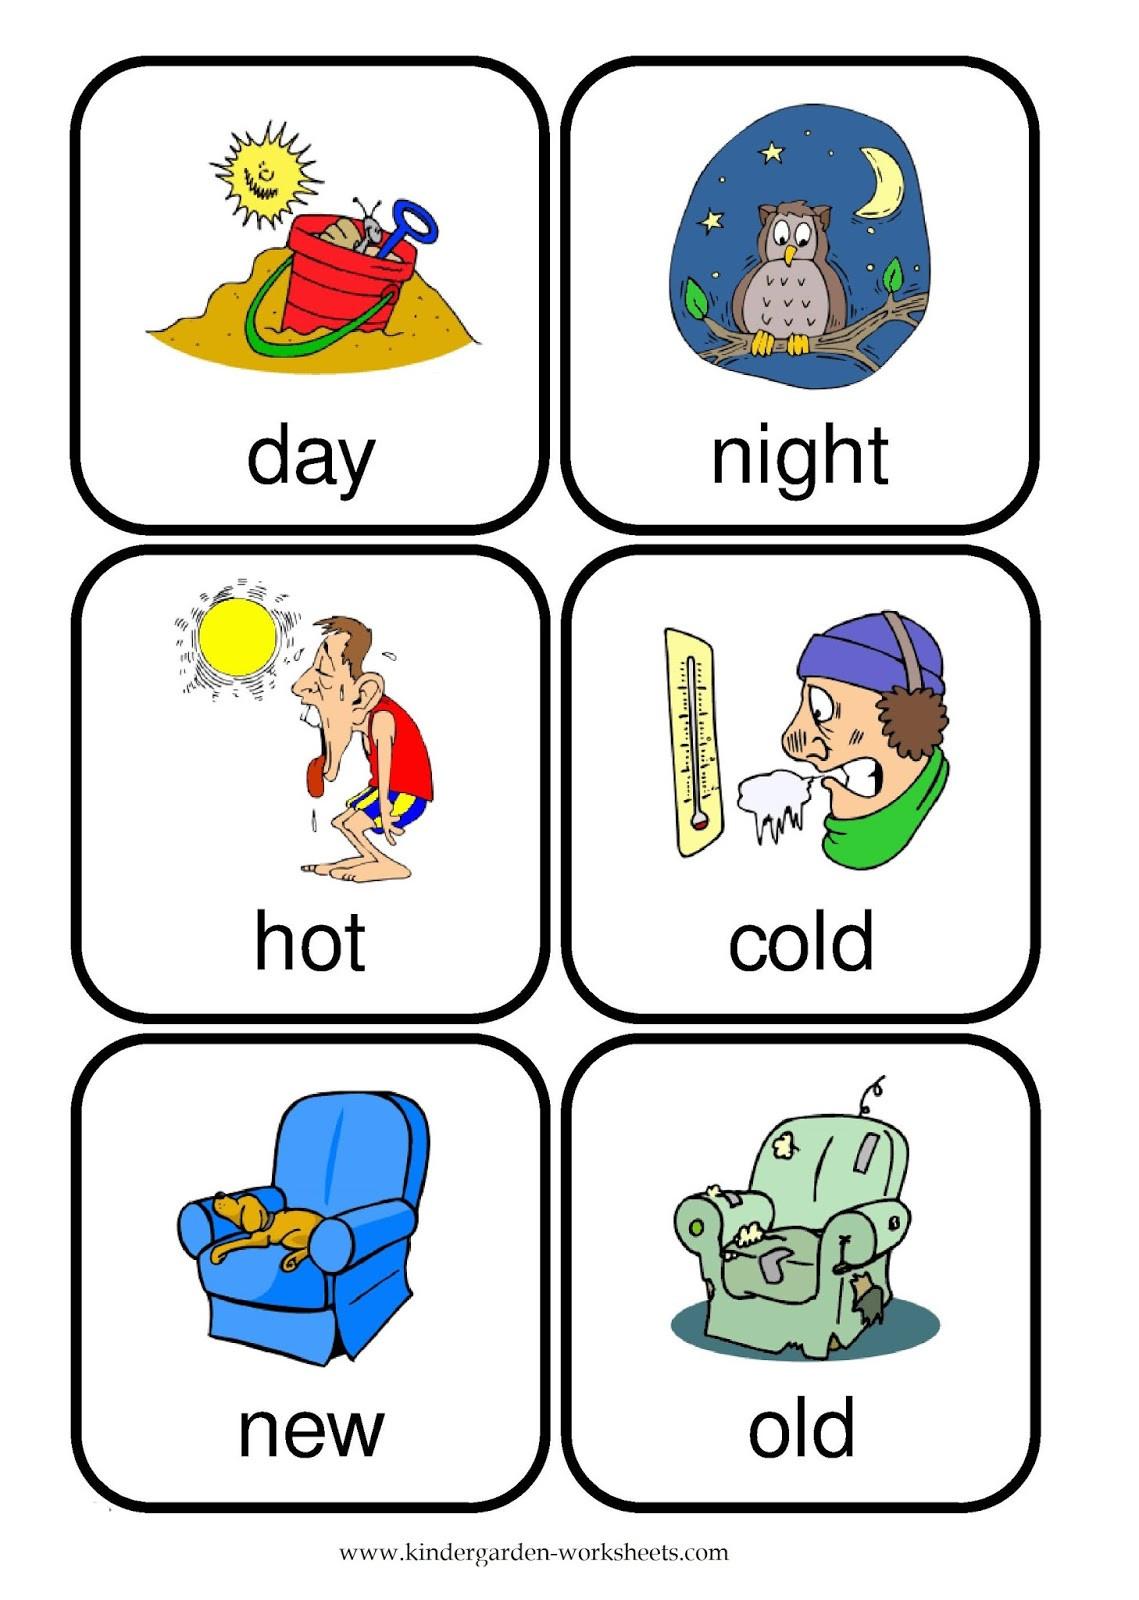 Opposites Worksheet Kindergarten Kindergarten Worksheets Flashcards Opposite Words